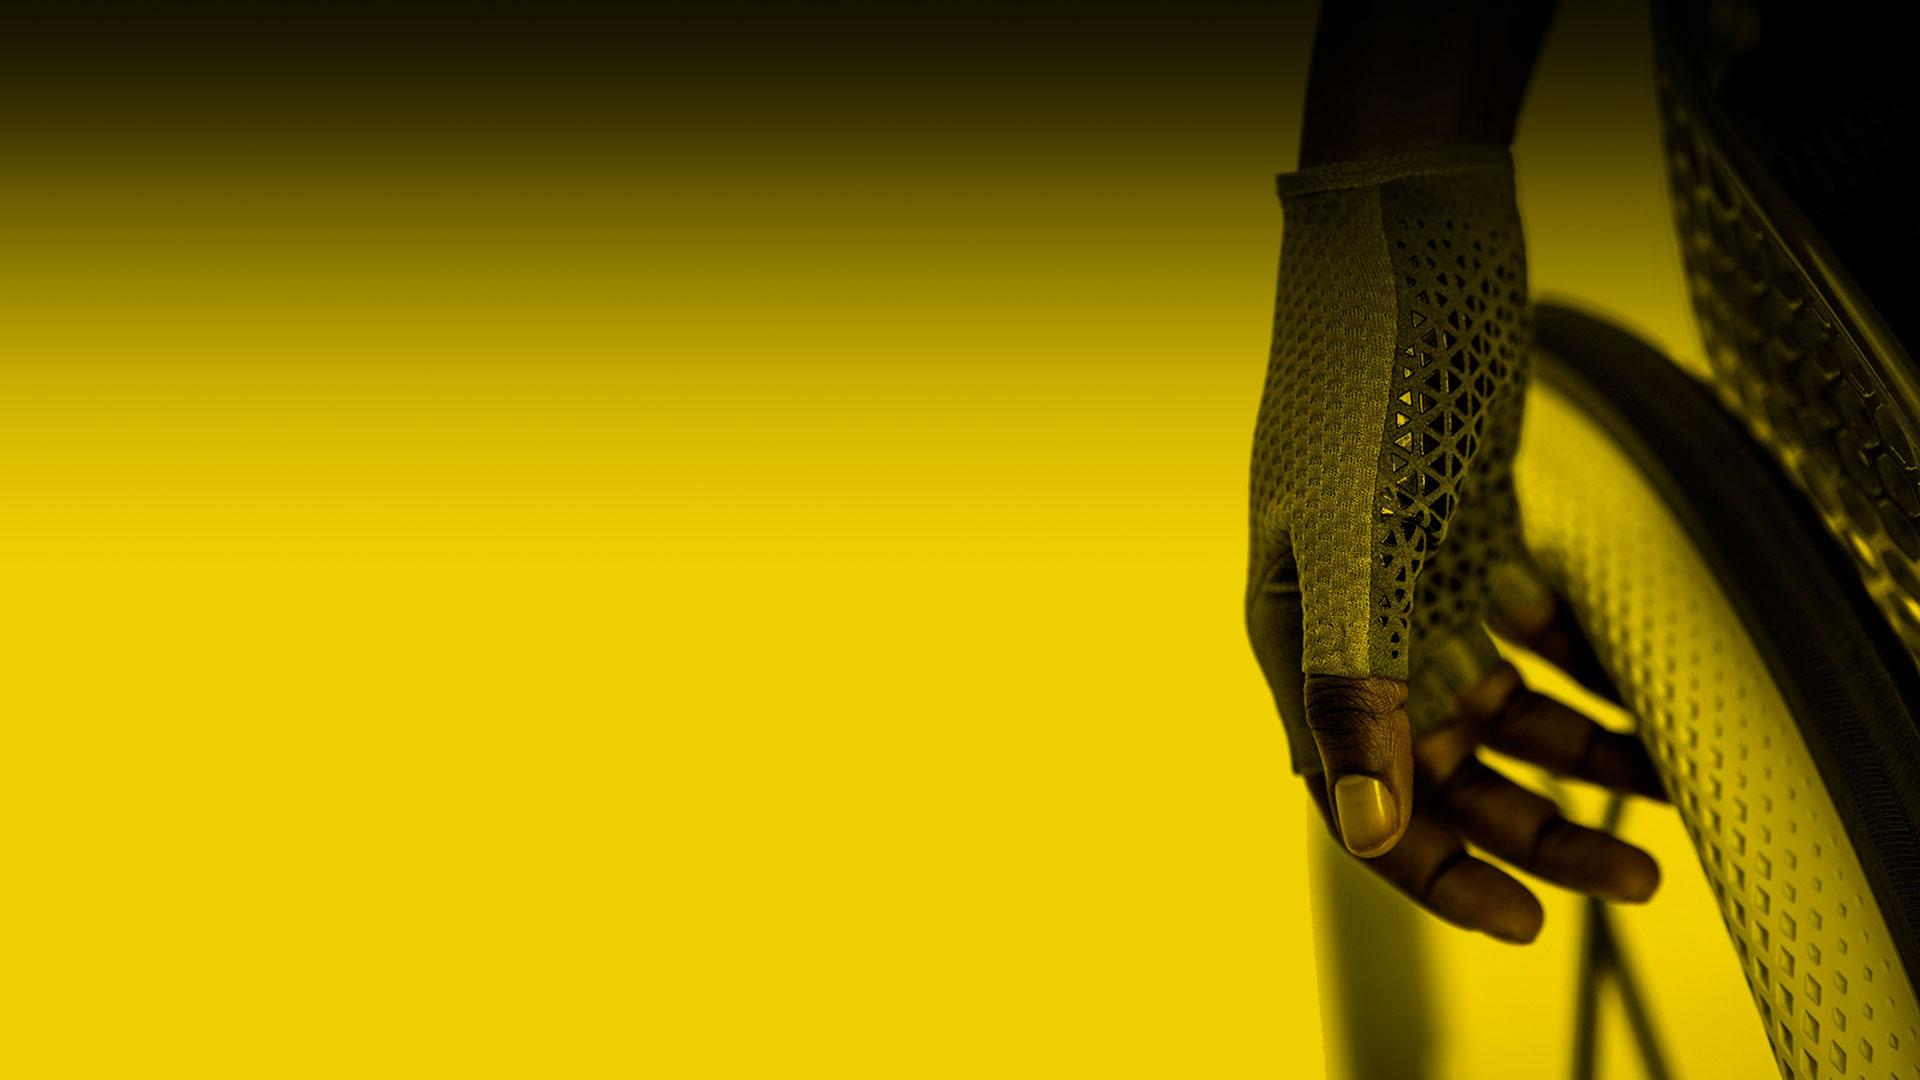 proyectos y cursos de 3d de prótesis con Grasshopper y rhinoceros mexico barcelona